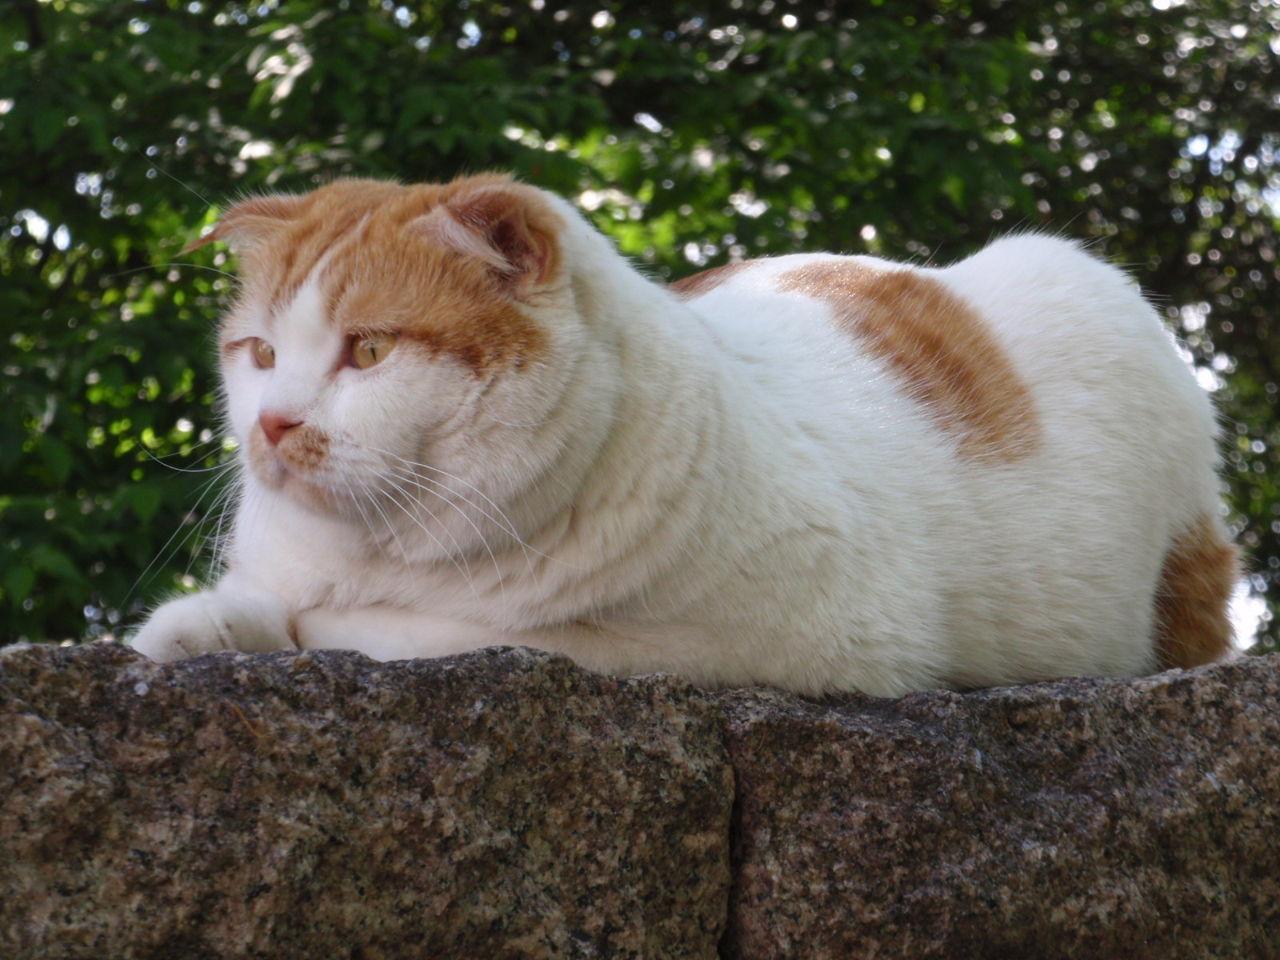 7267 - ホンダ 株猫ジョージ君が応援しています。 ダラダラと下げ続けているニャンコ。 夜明けは近いニャンコ。 今日こ